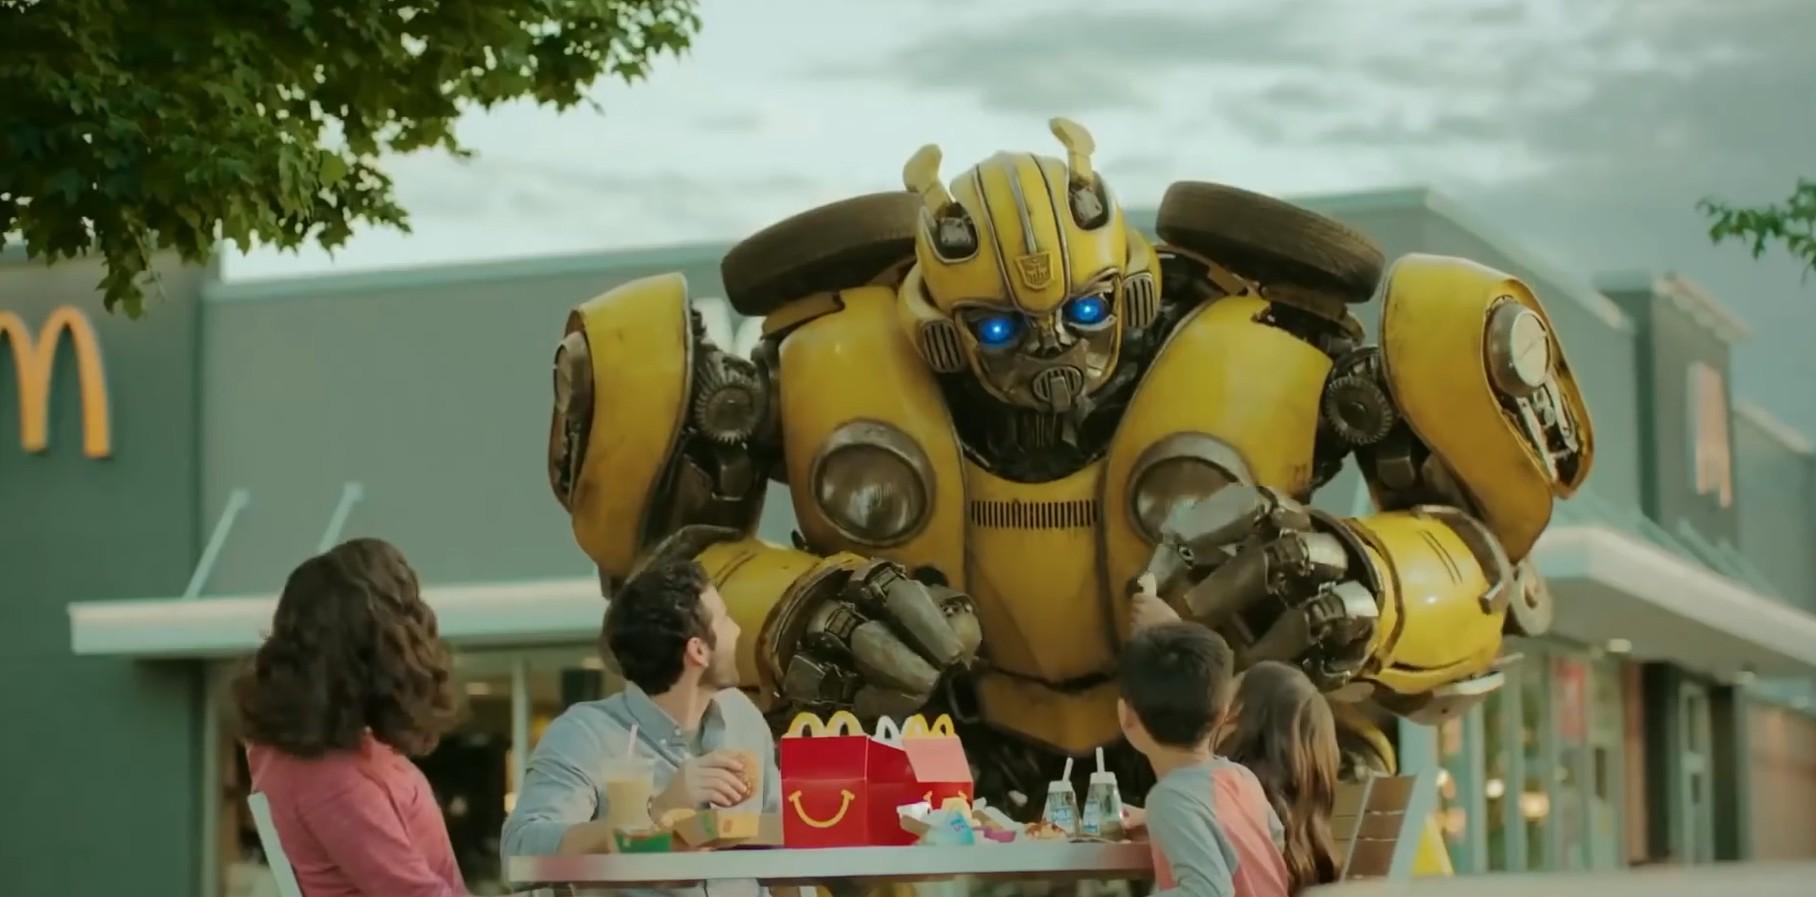 柱子哥狂怼声波机器狗!《大黄蜂》新预告与麦当劳联动